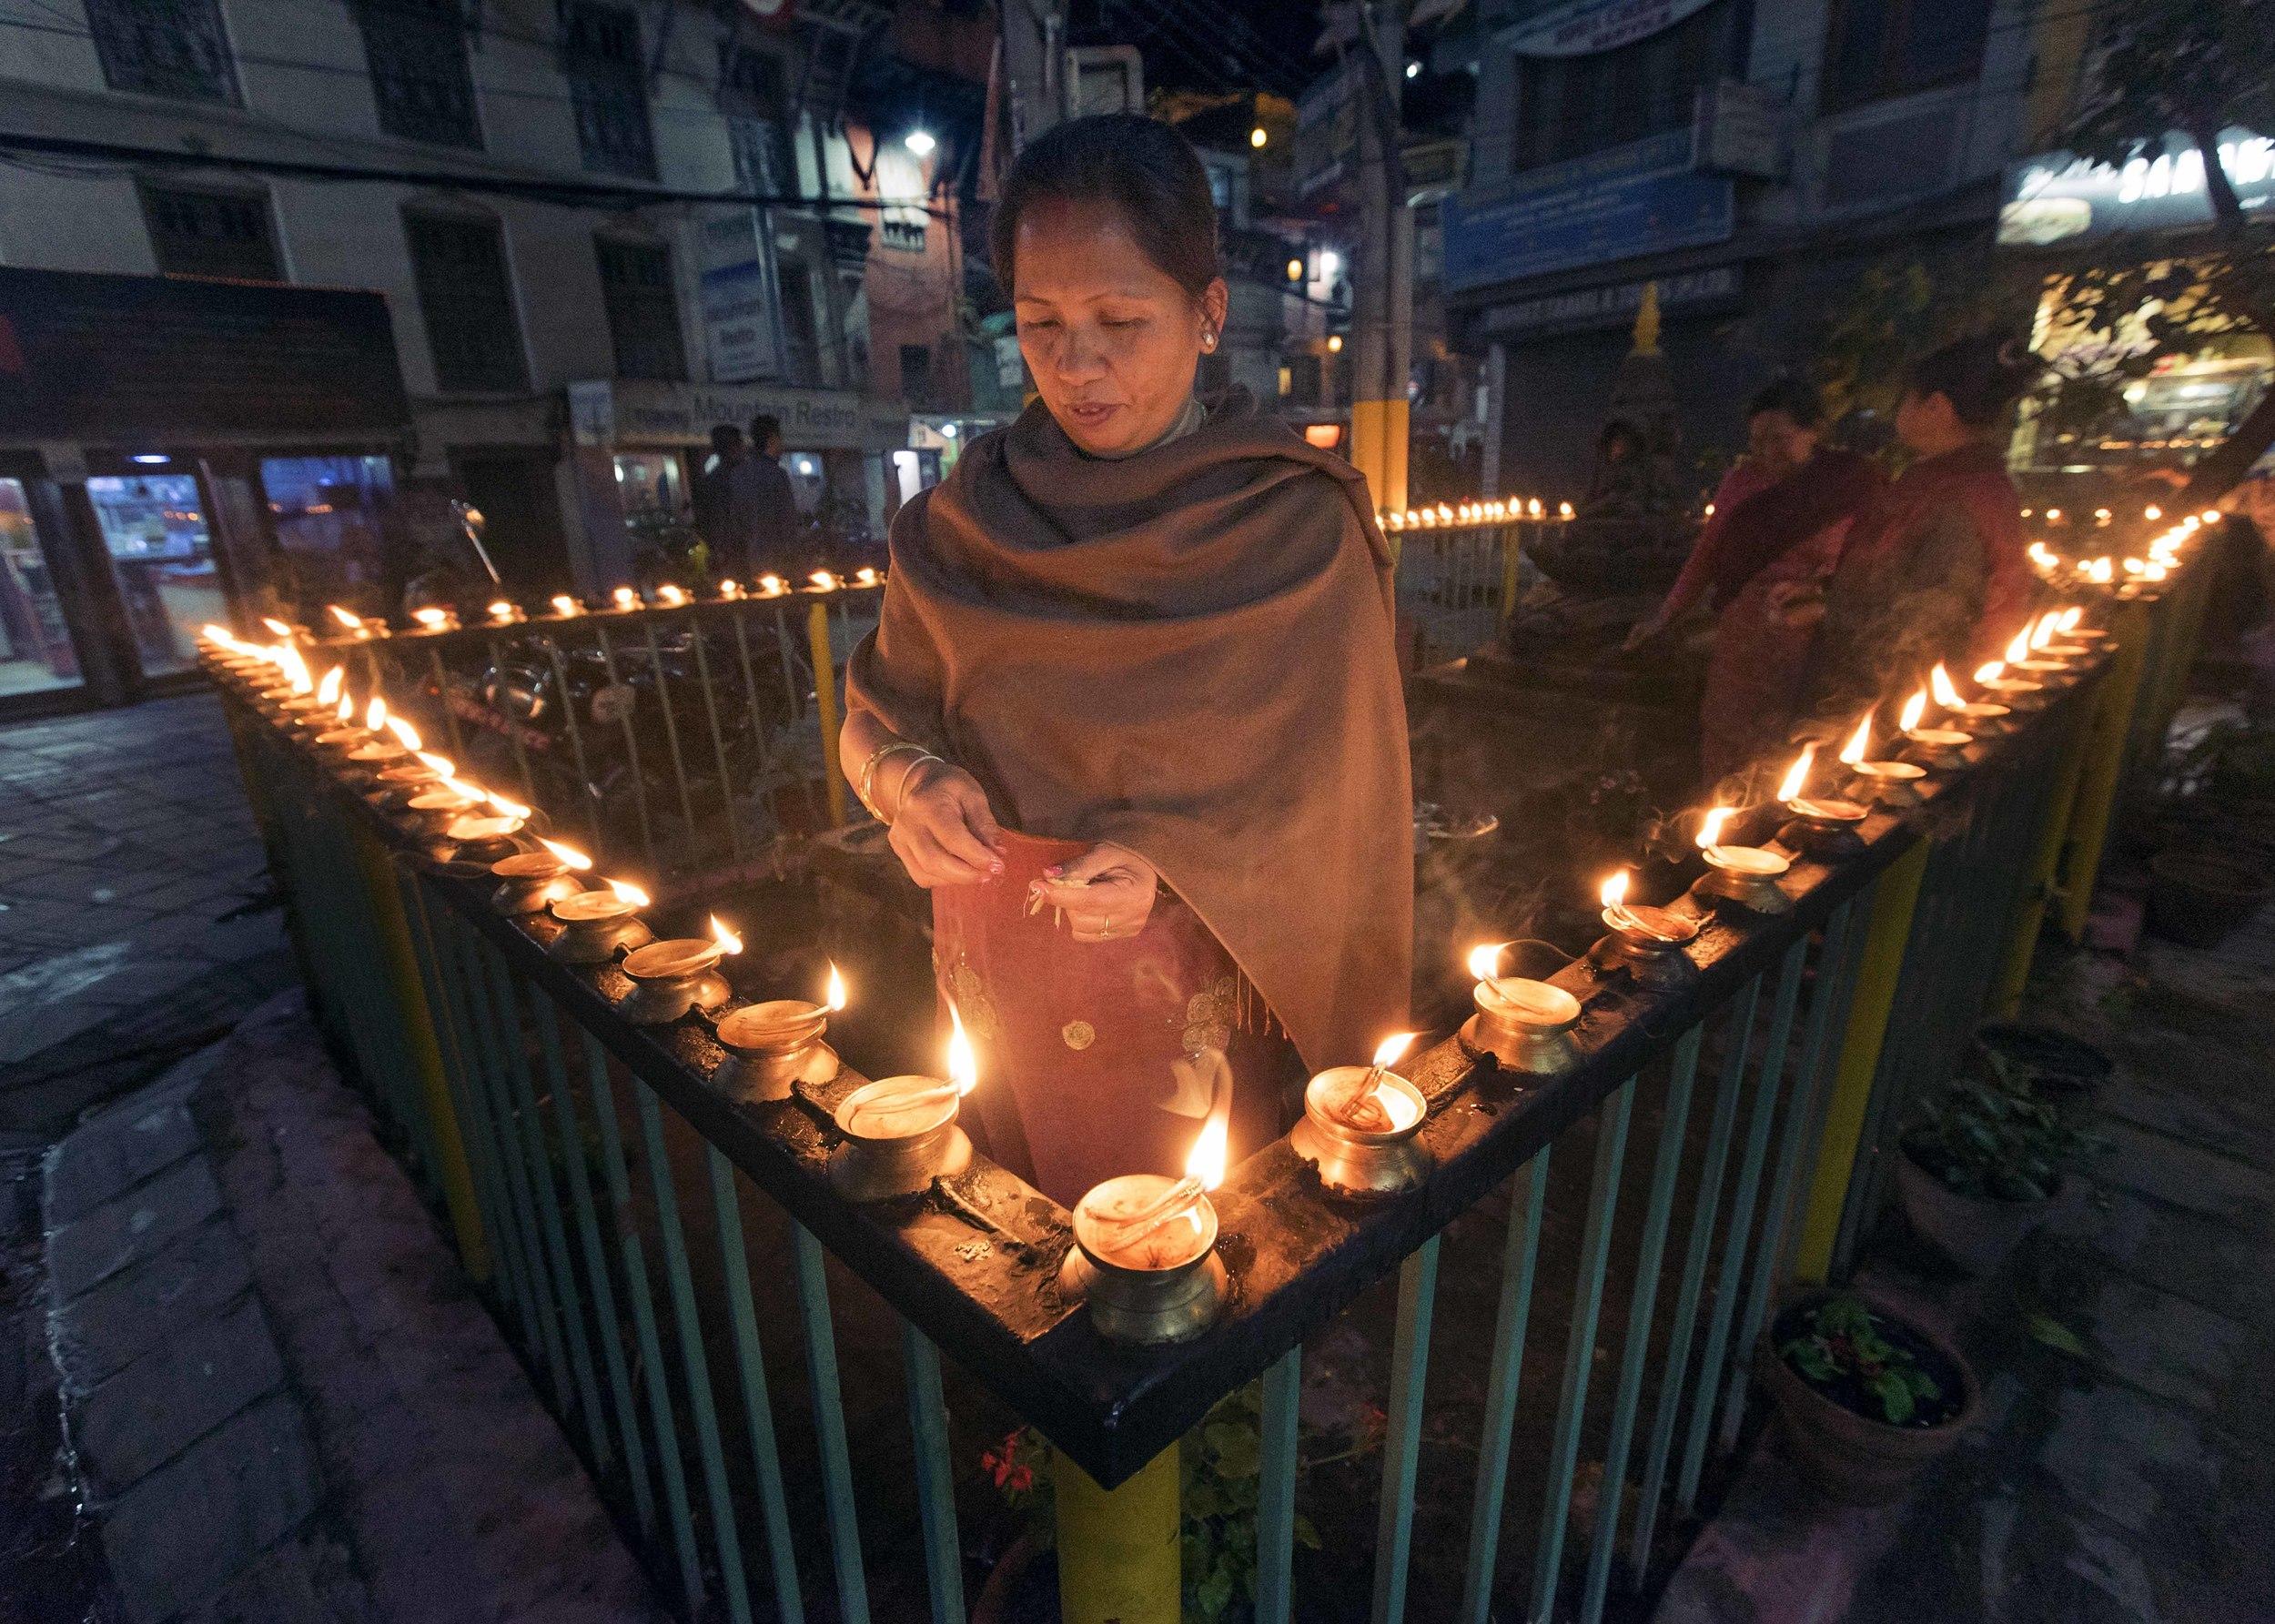 MHood_2015_04_04_Kathmandu_DSC00261_1.jpg